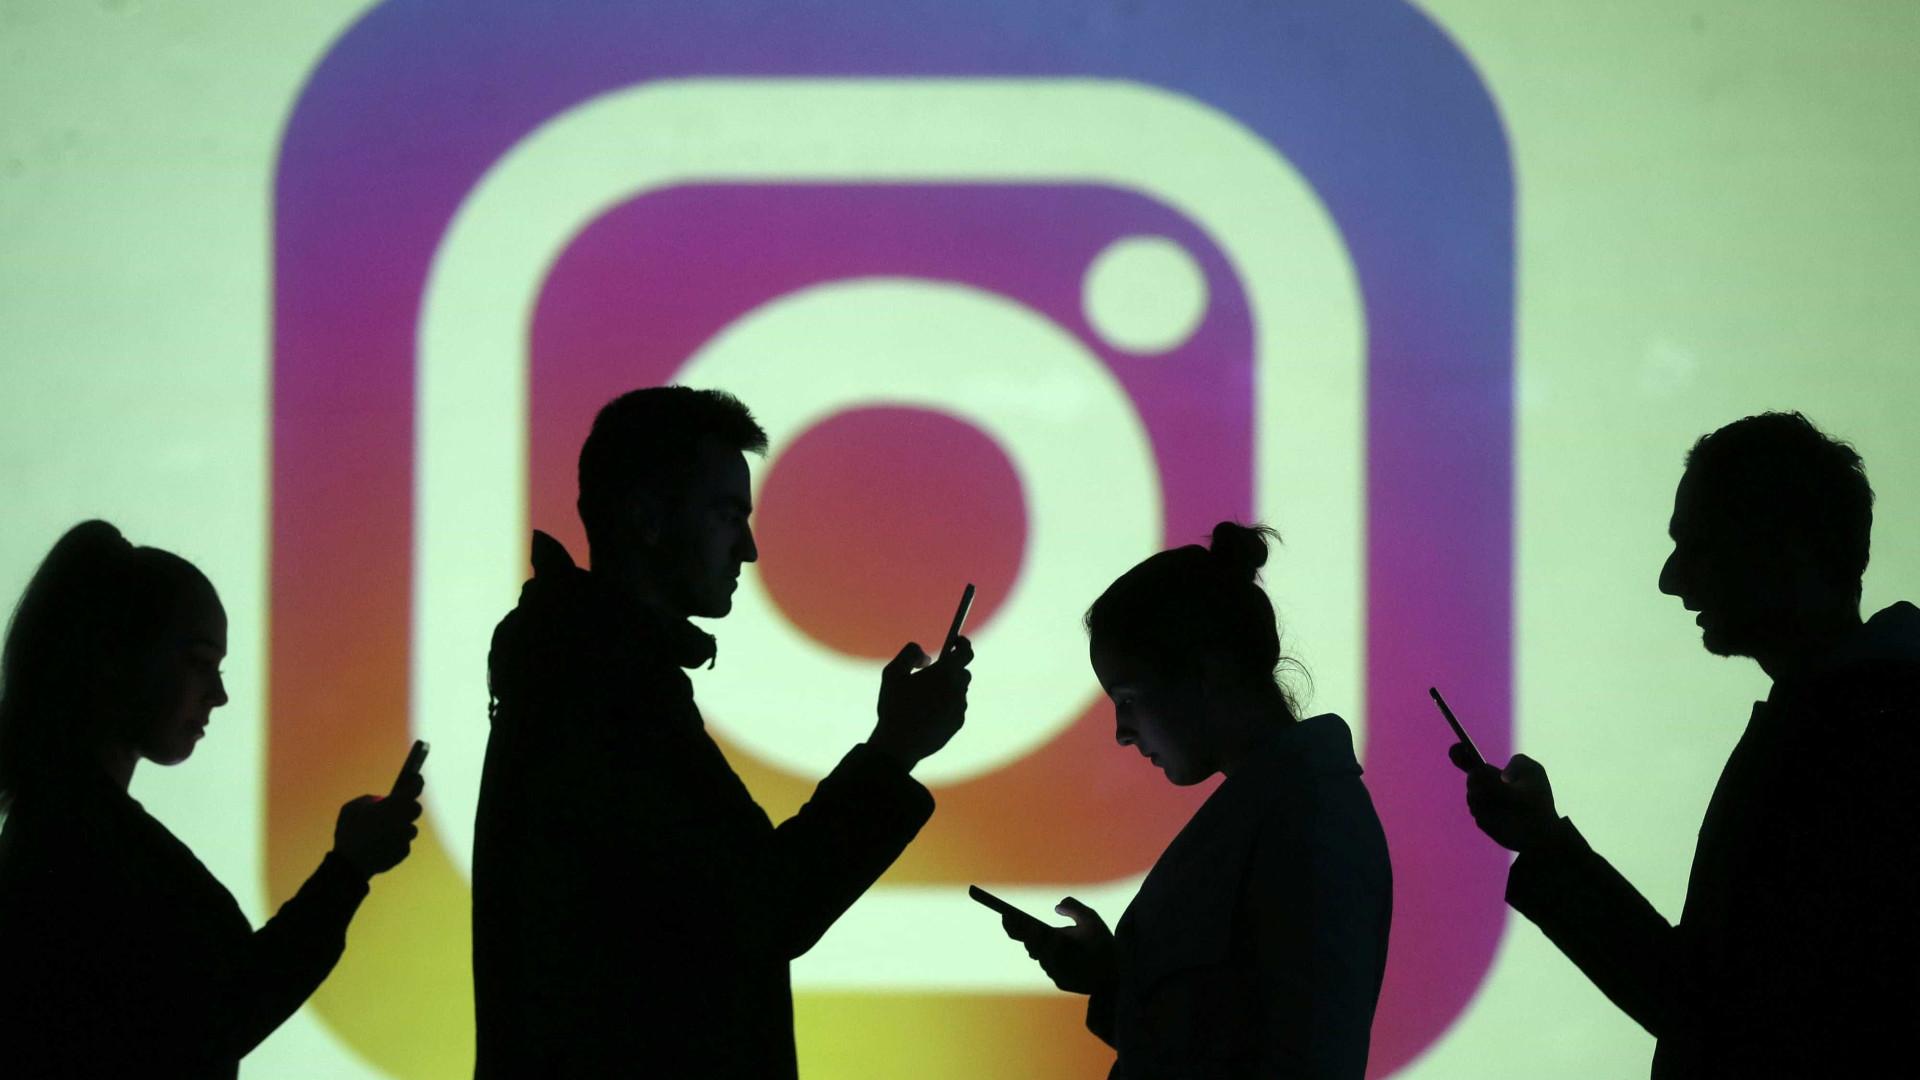 Saiba como funciona a ordem de visualizações do Stories no Instagram